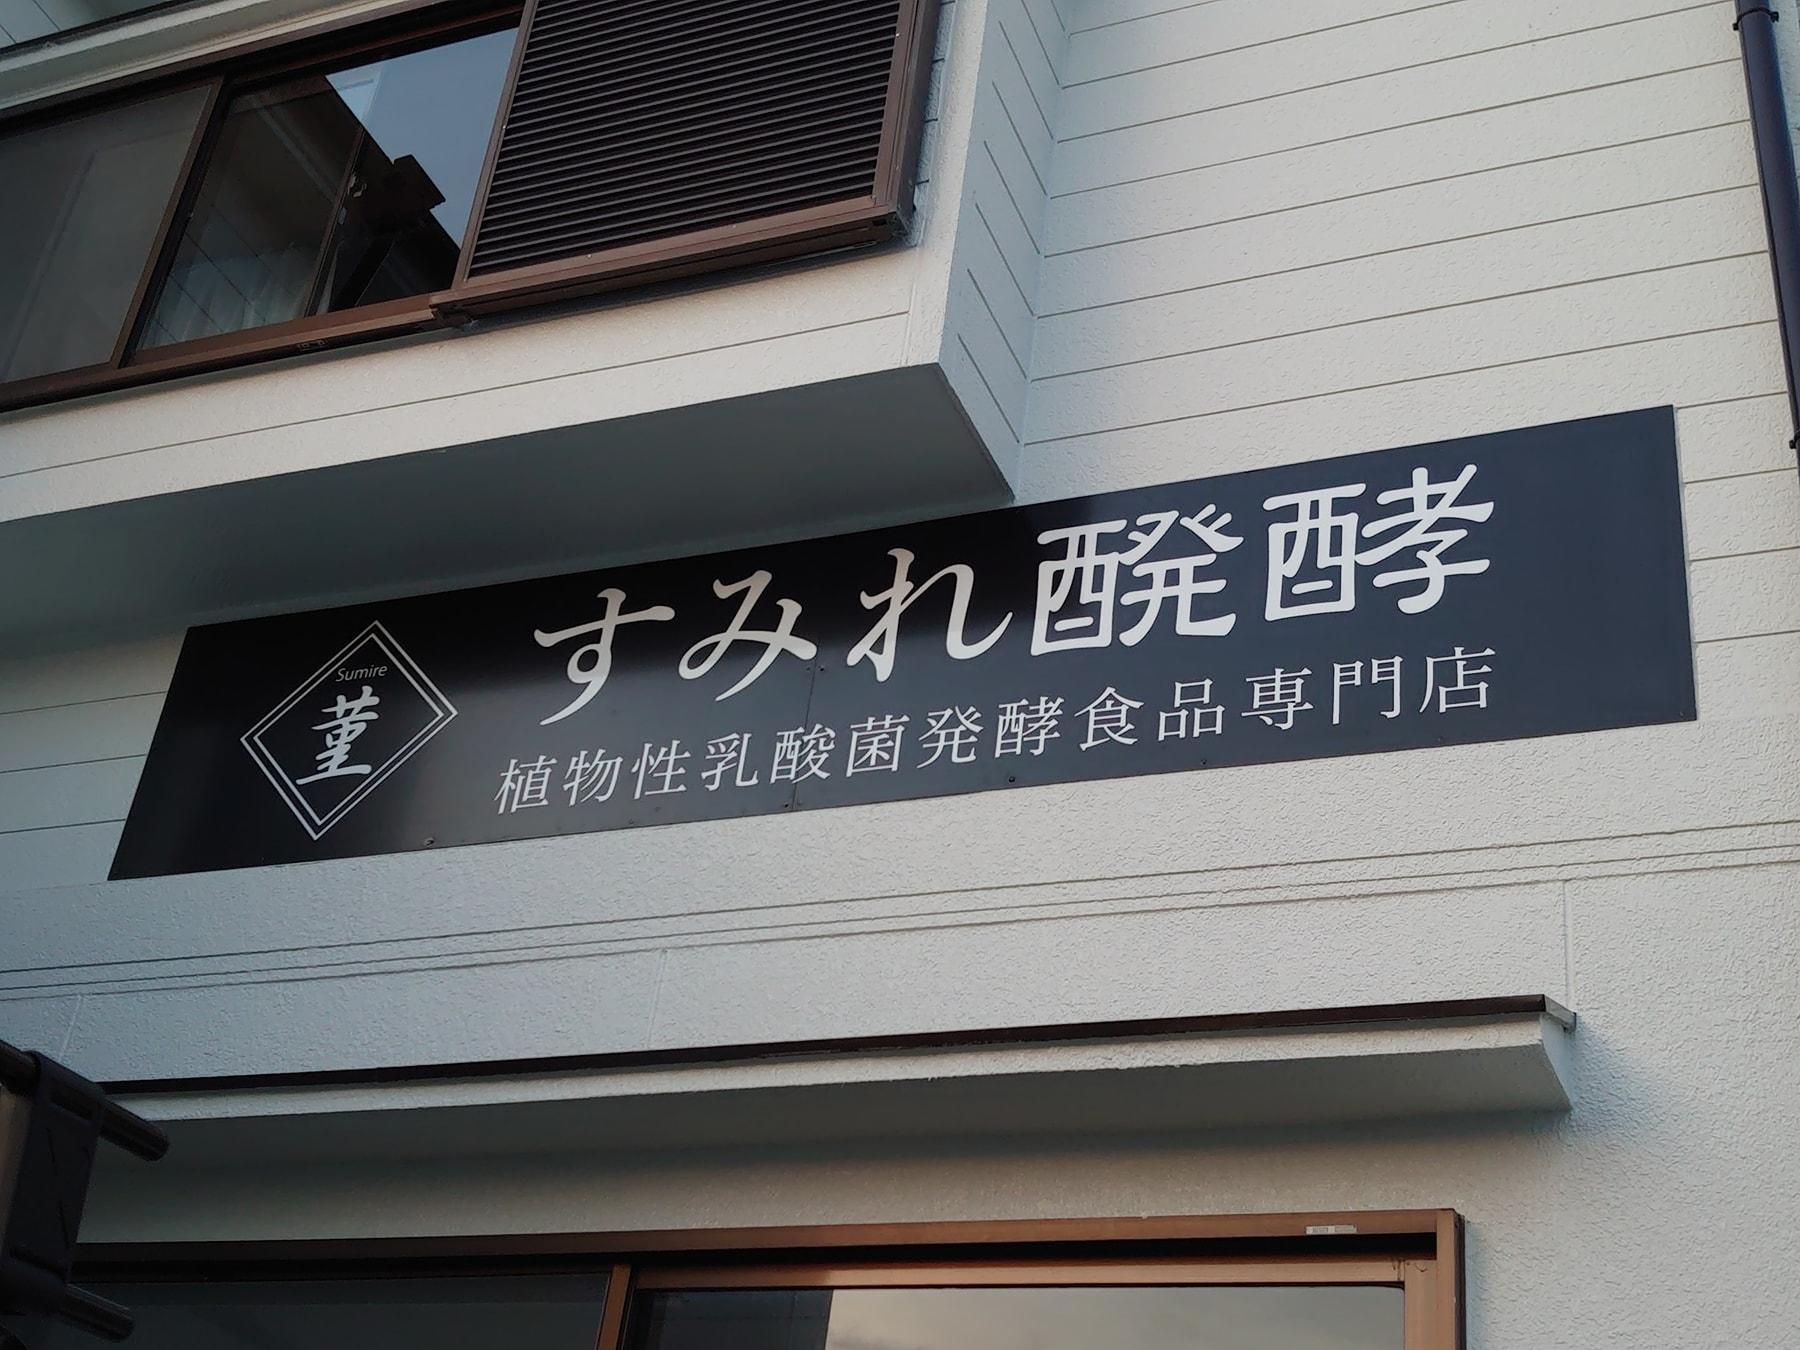 カッティング文字/アルミ複合板